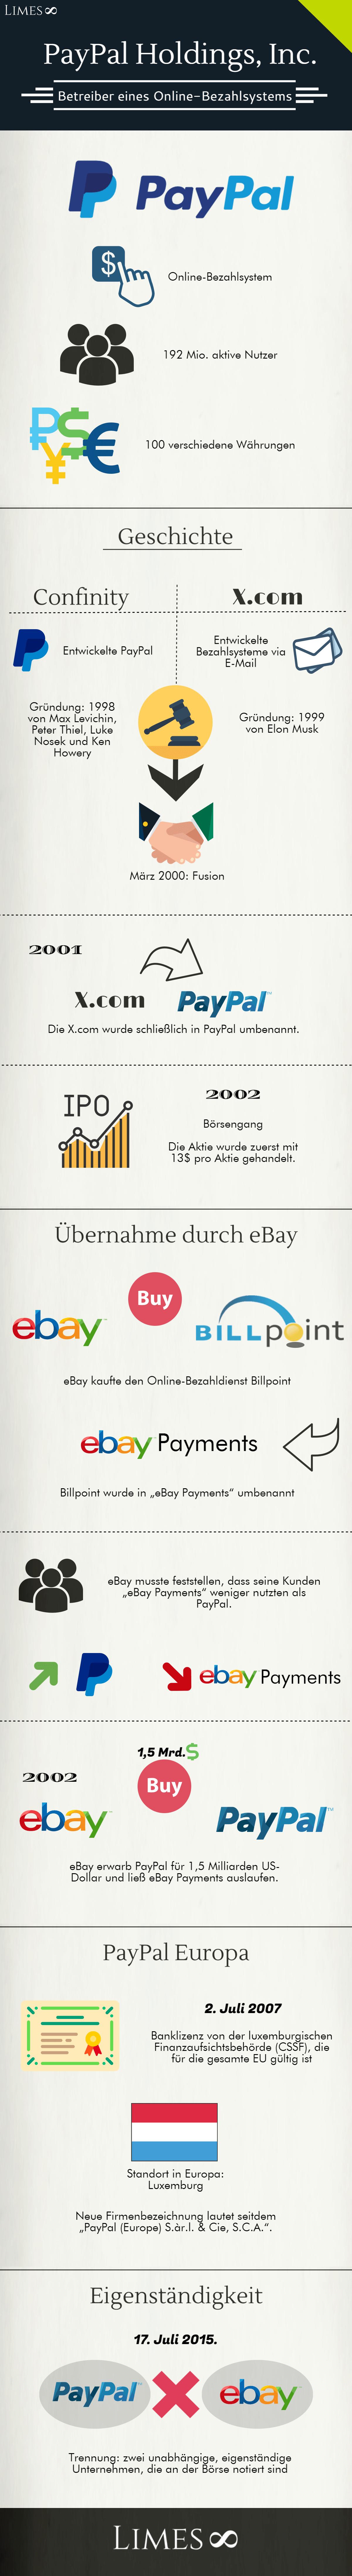 Infografik über die PayPal Holdings Inc.